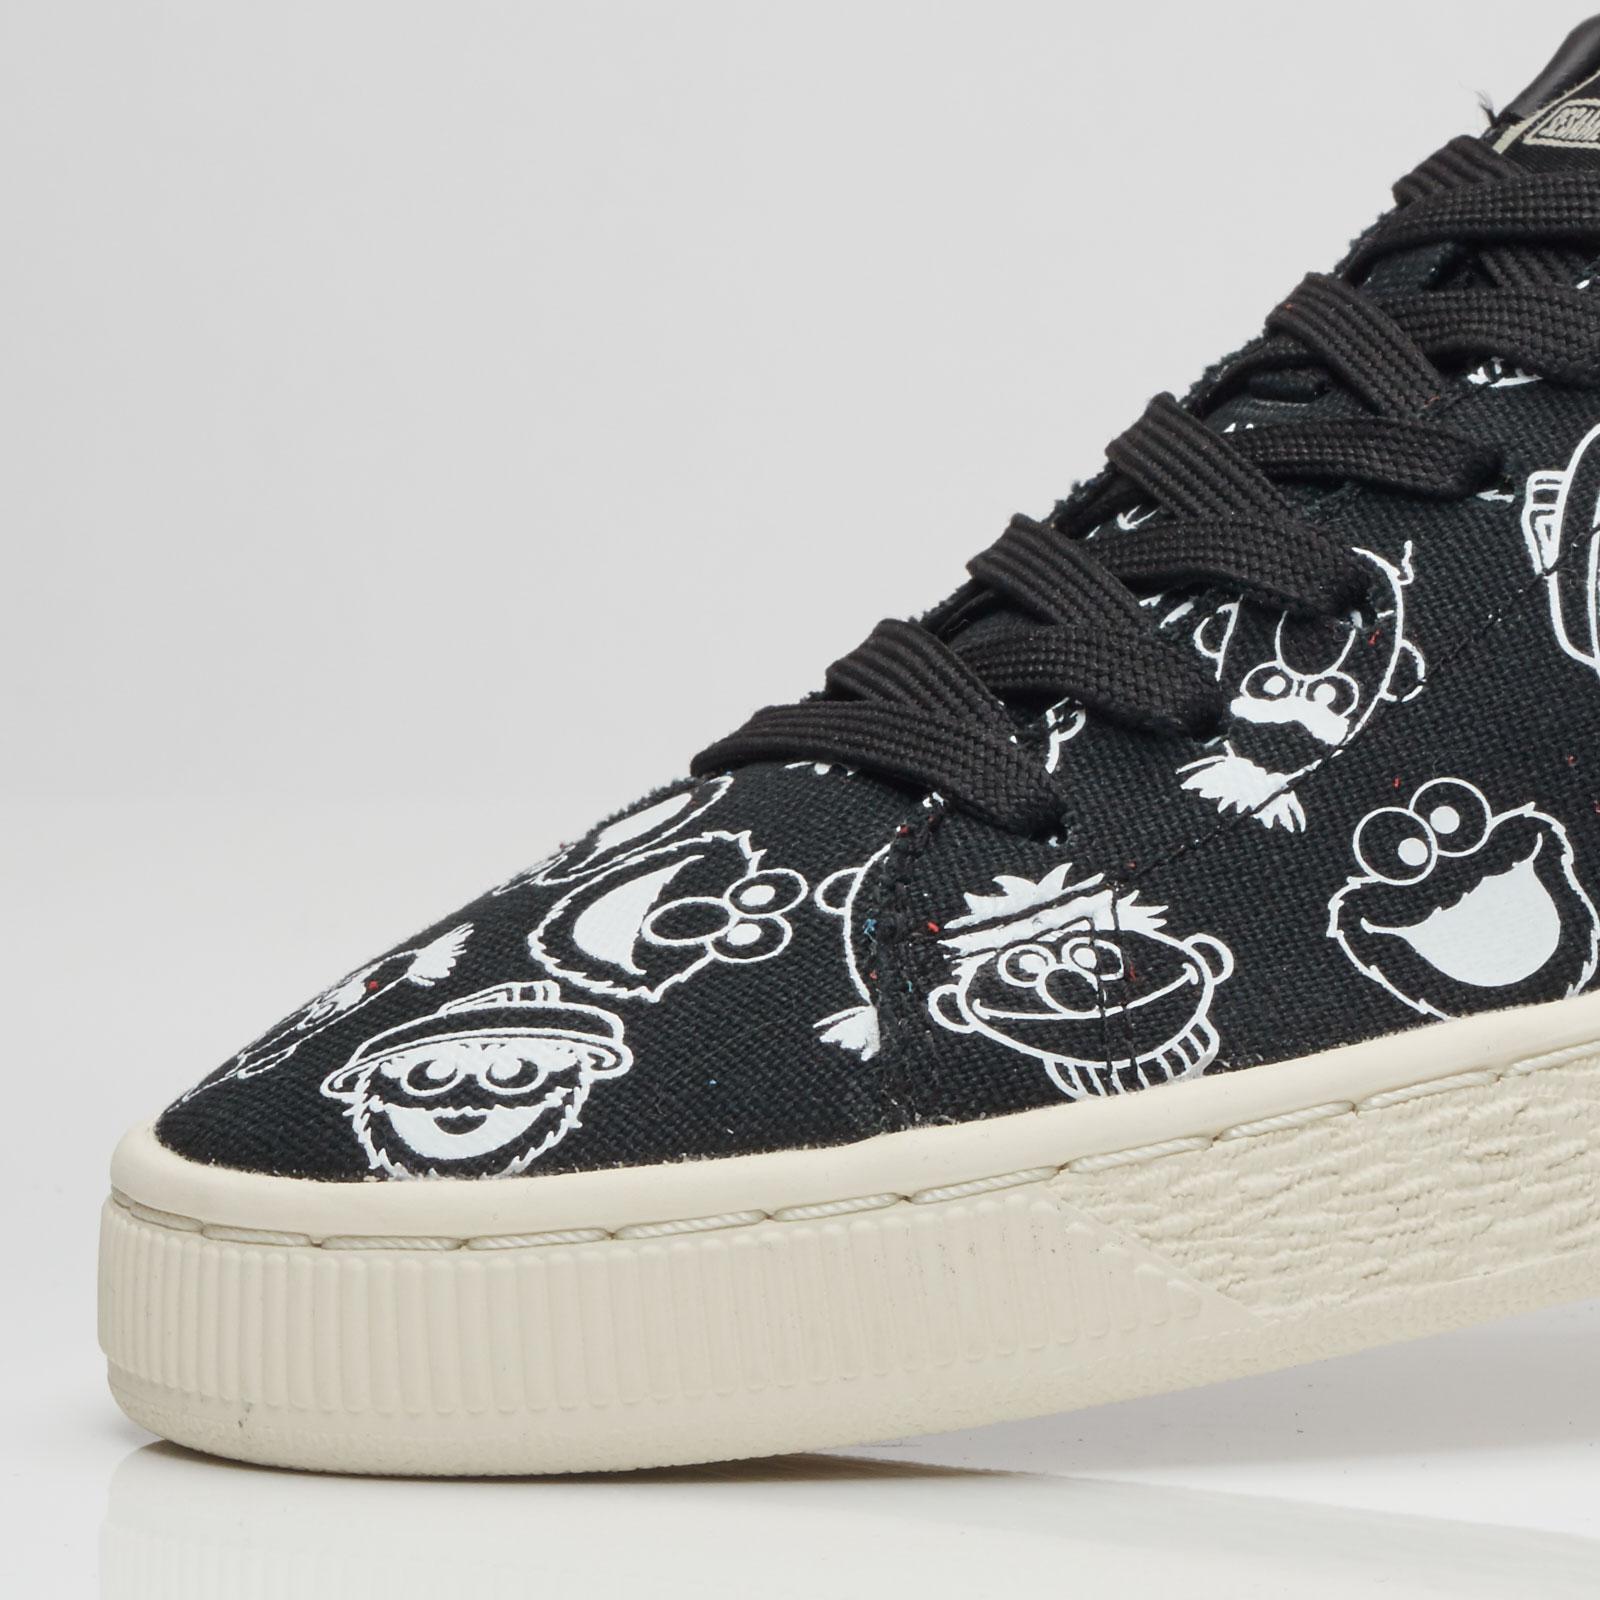 a013af2aeee5 Puma X Sesame Street Basket - 363220-02 - Sneakersnstuff